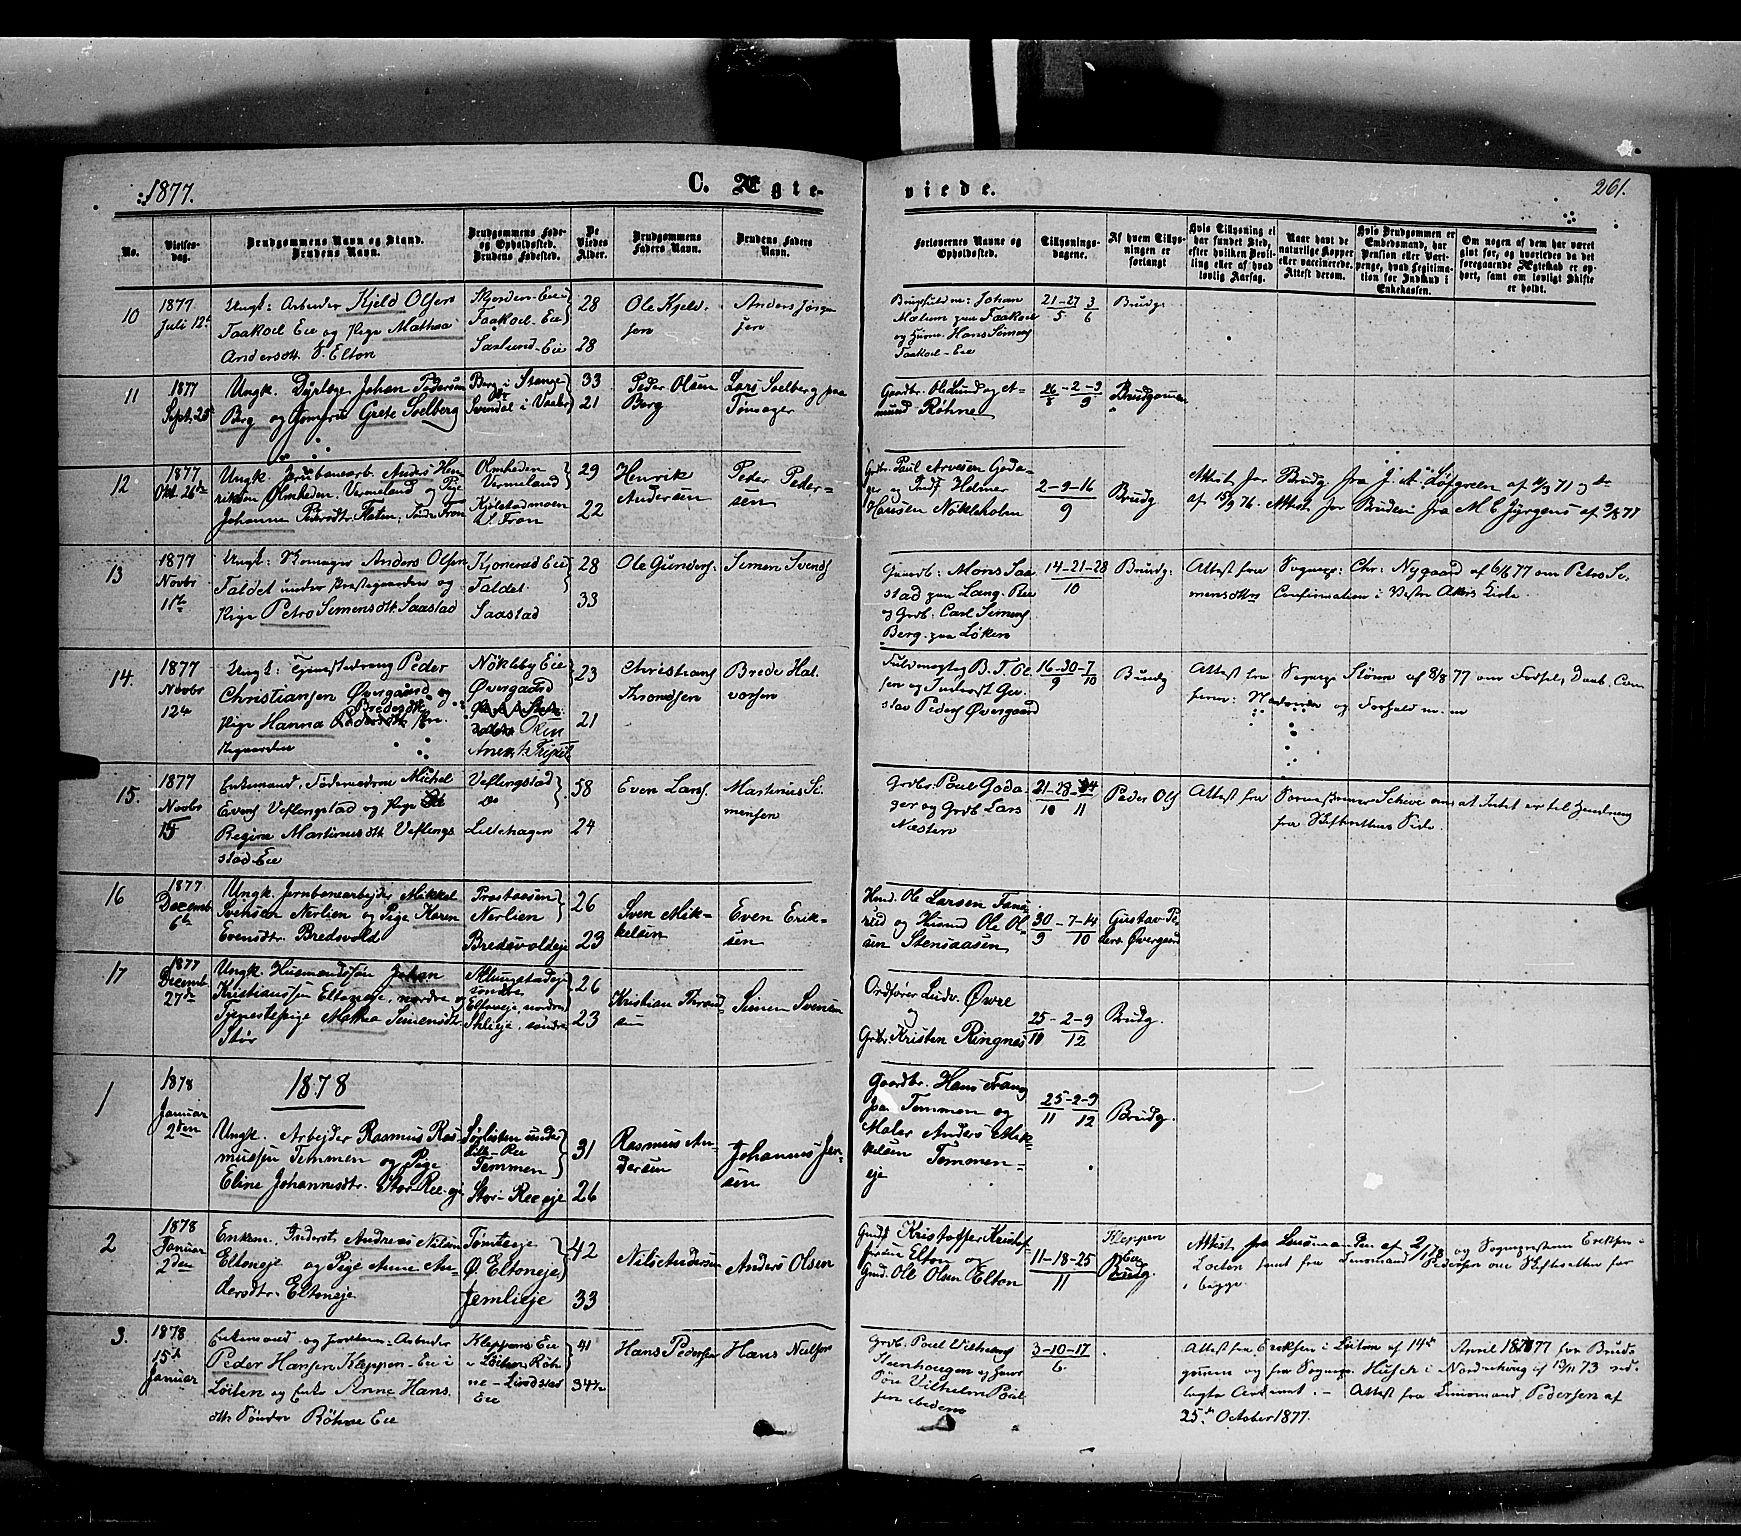 SAH, Stange prestekontor, K/L0013: Parish register (official) no. 13, 1862-1879, p. 261